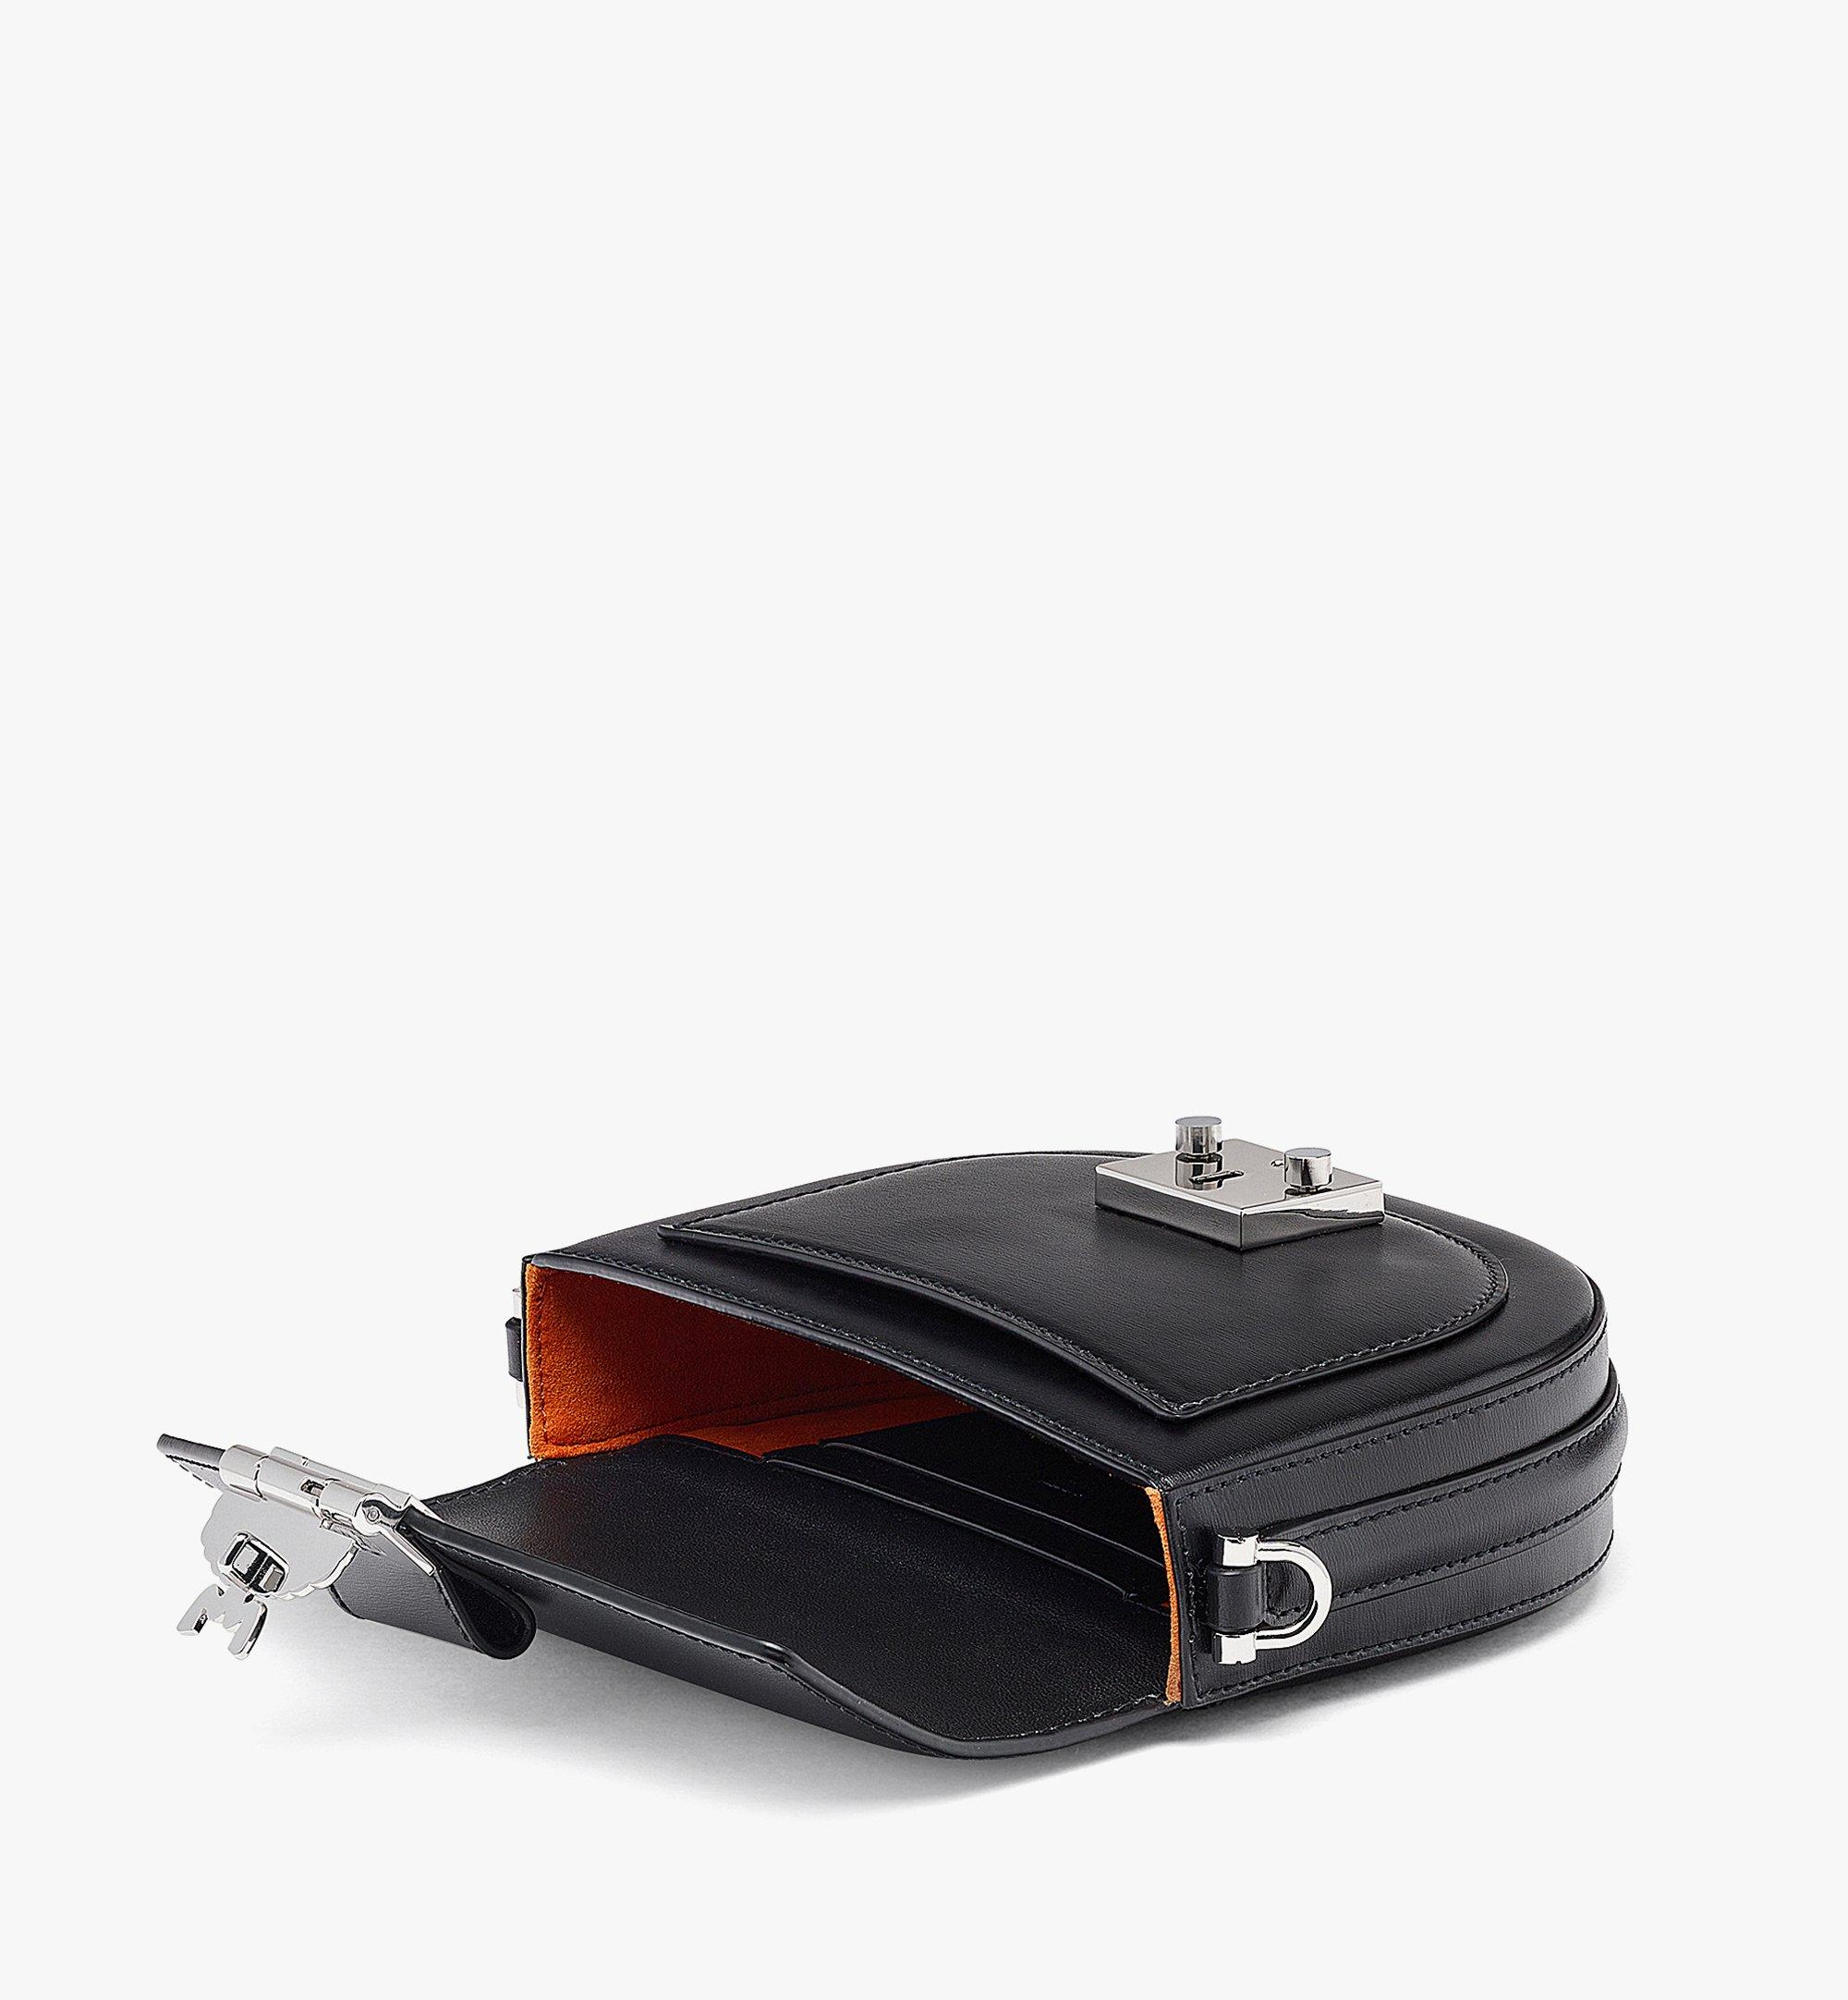 MCM Patricia Crossbody-Tasche aus geprägtem spanischen Leder Black MWRBAPA01BK001 Noch mehr sehen 2